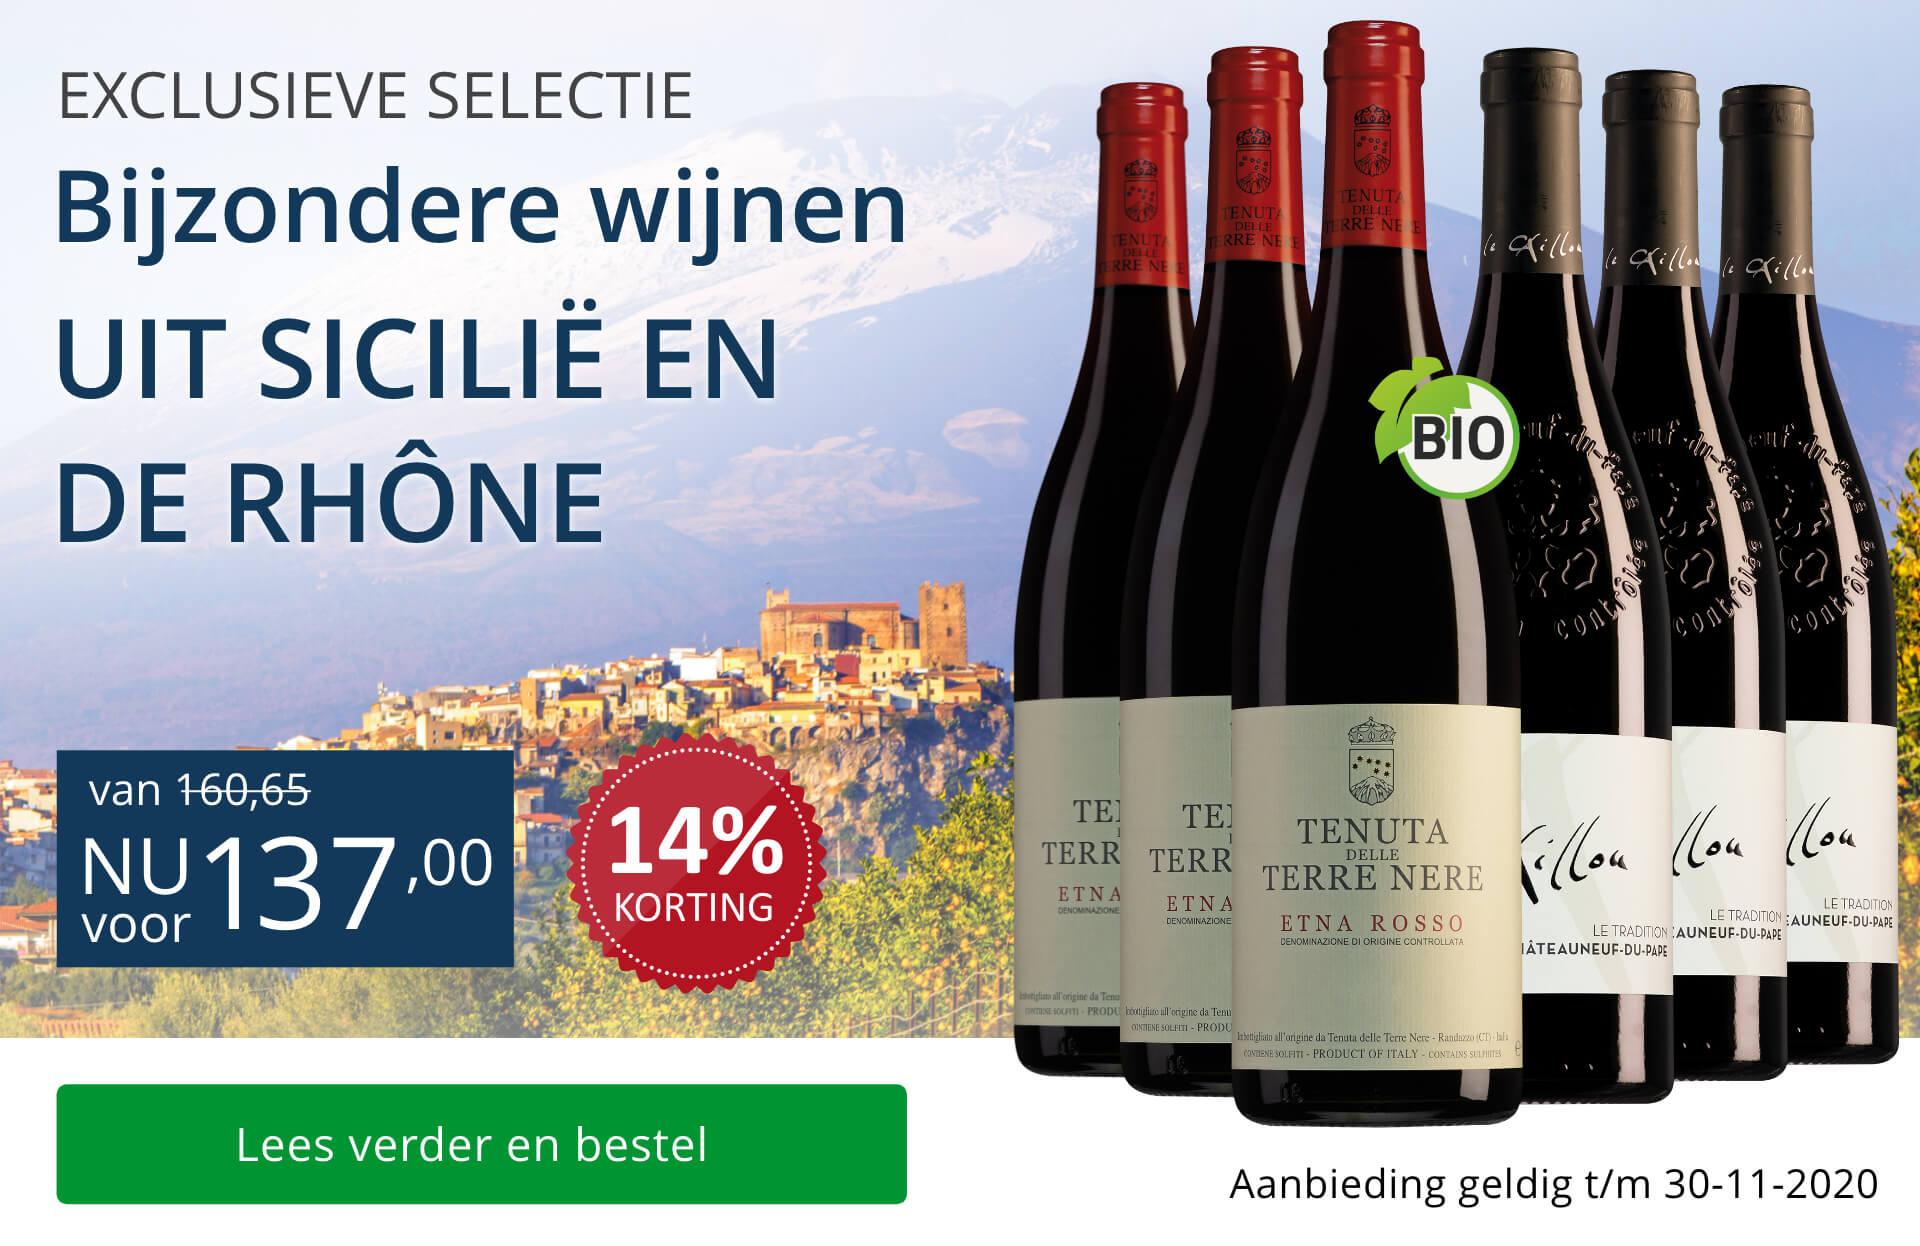 Wijnpakket bijzondere wijnen november 2020 (137,00)-blauw